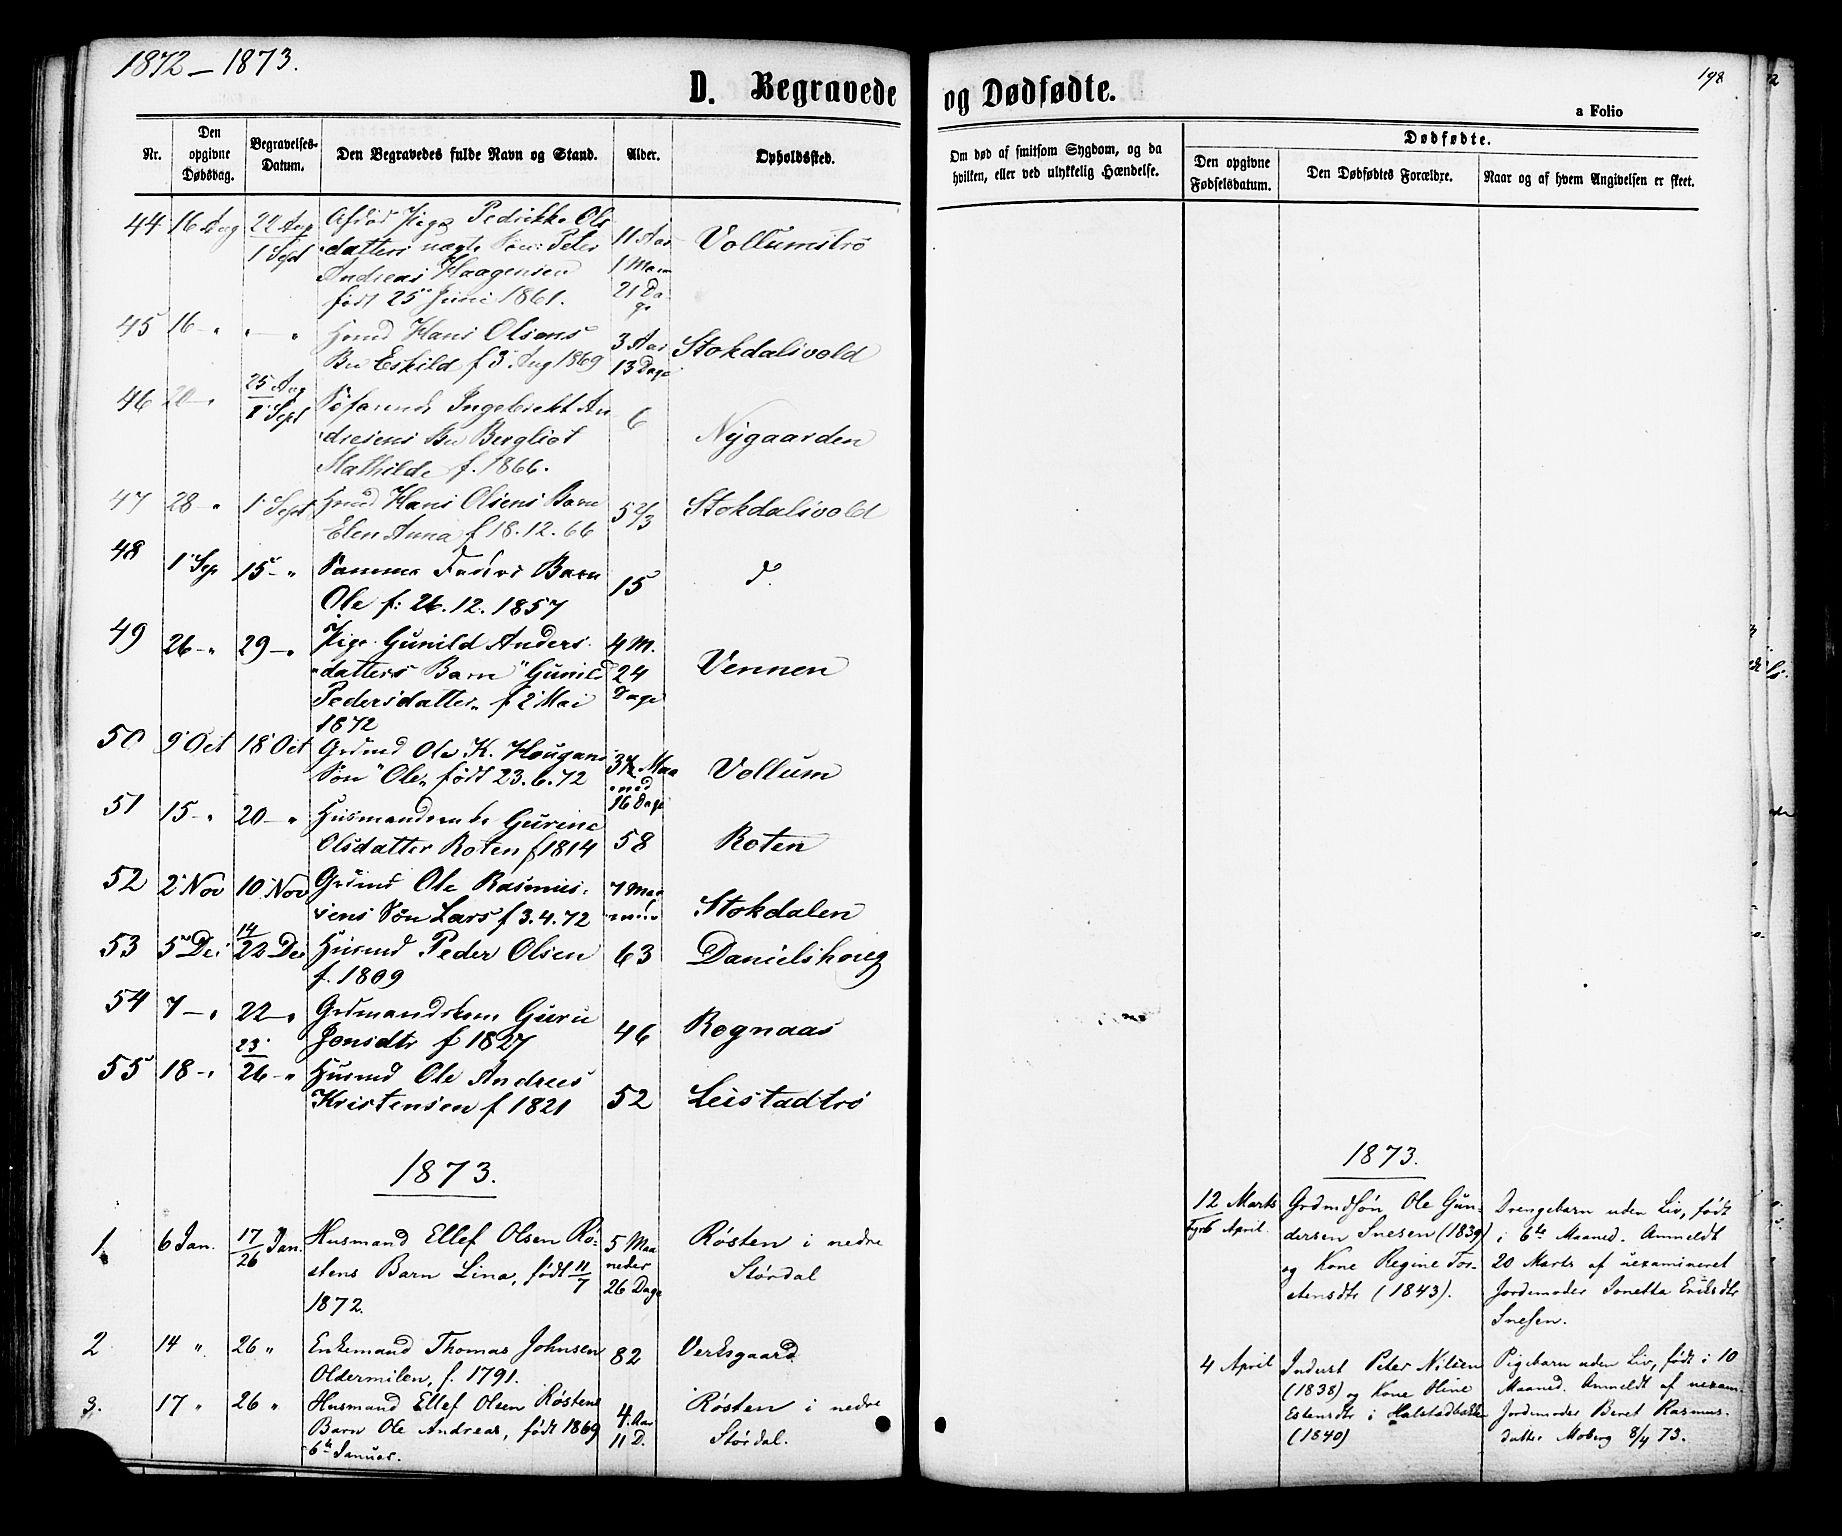 SAT, Ministerialprotokoller, klokkerbøker og fødselsregistre - Sør-Trøndelag, 616/L0409: Ministerialbok nr. 616A06, 1865-1877, s. 198